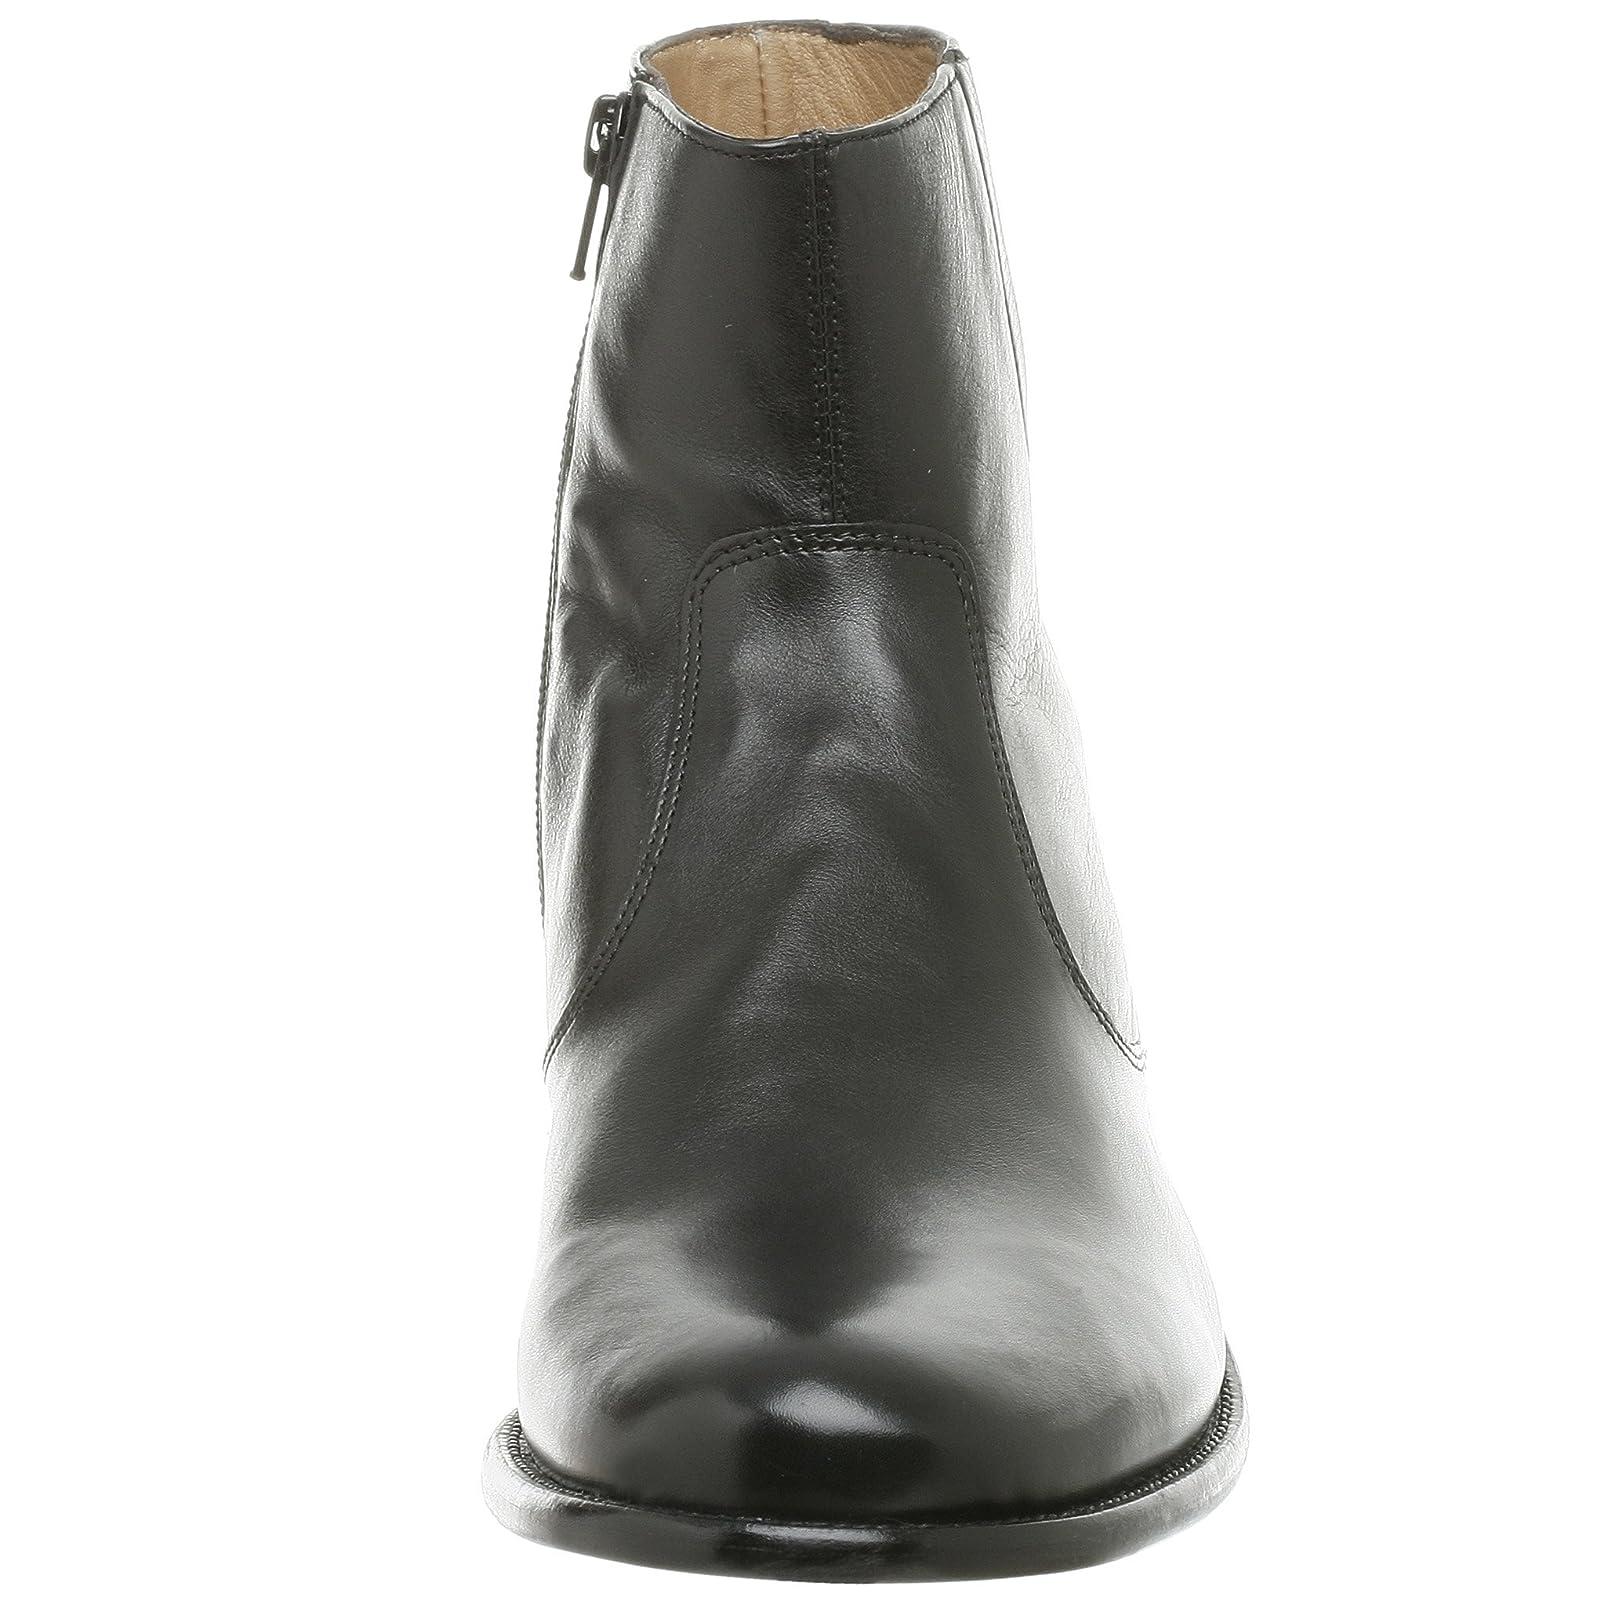 Florsheim Men's Hugo Boot 18570 Black Milled Leather - 4